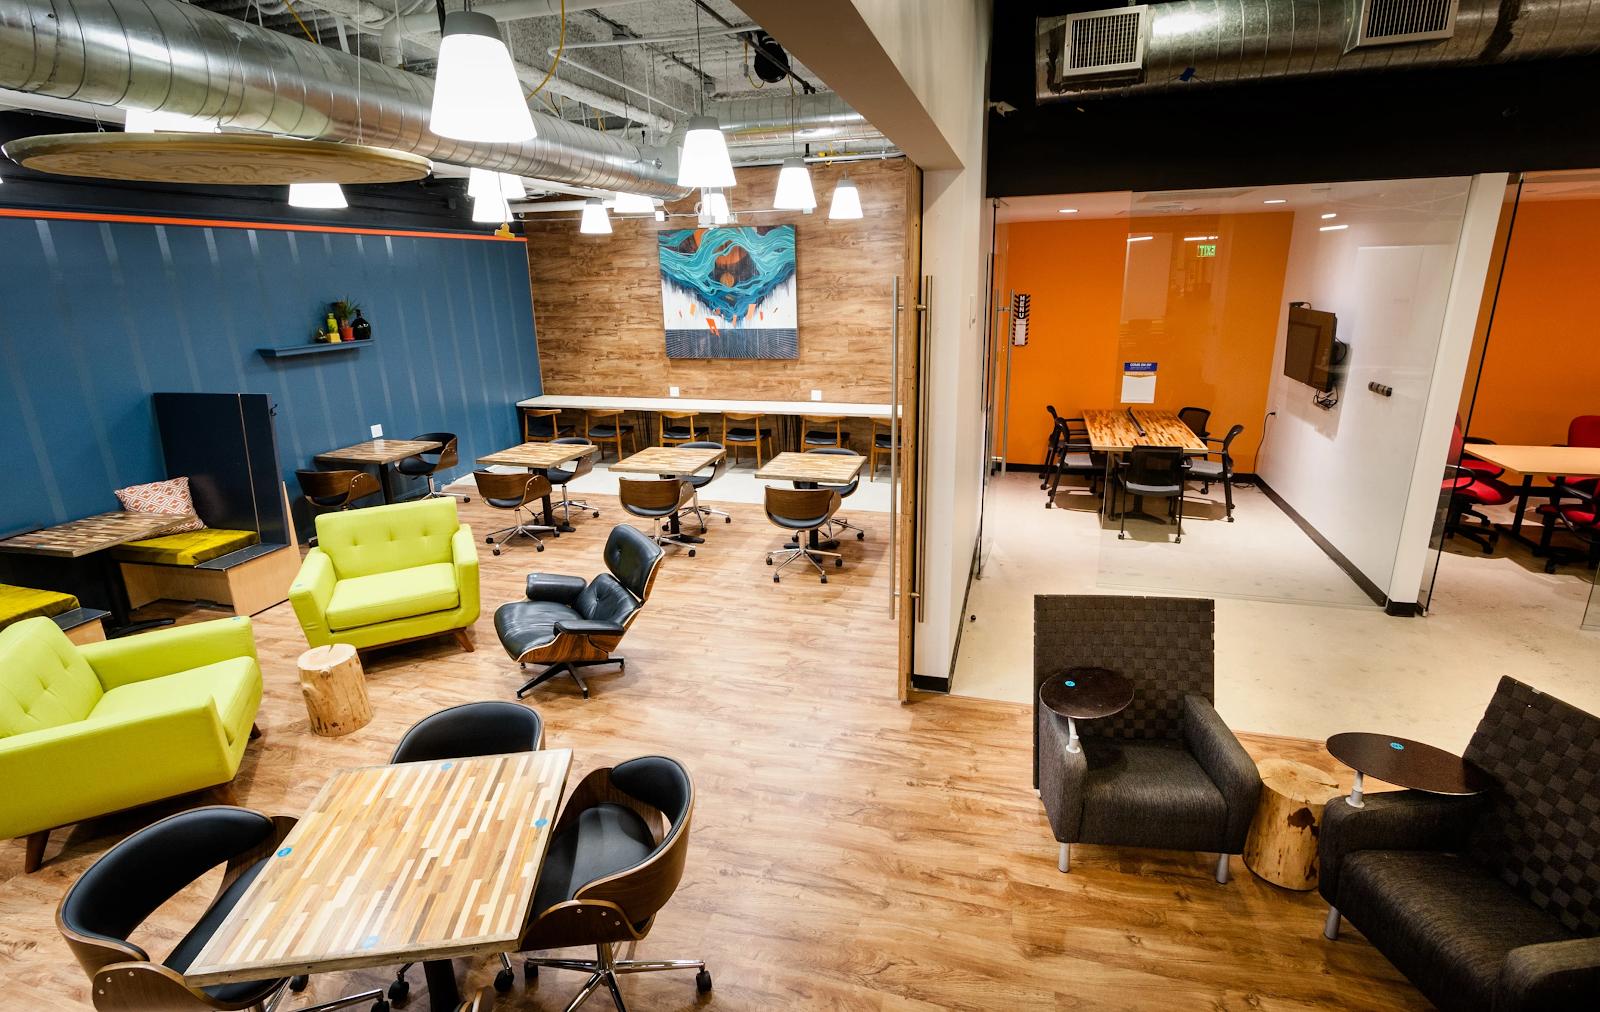 Sử dụng dịch vụ chia sẻ văn phòng giúp các doanh nghiệp tiết kiệm chi phí